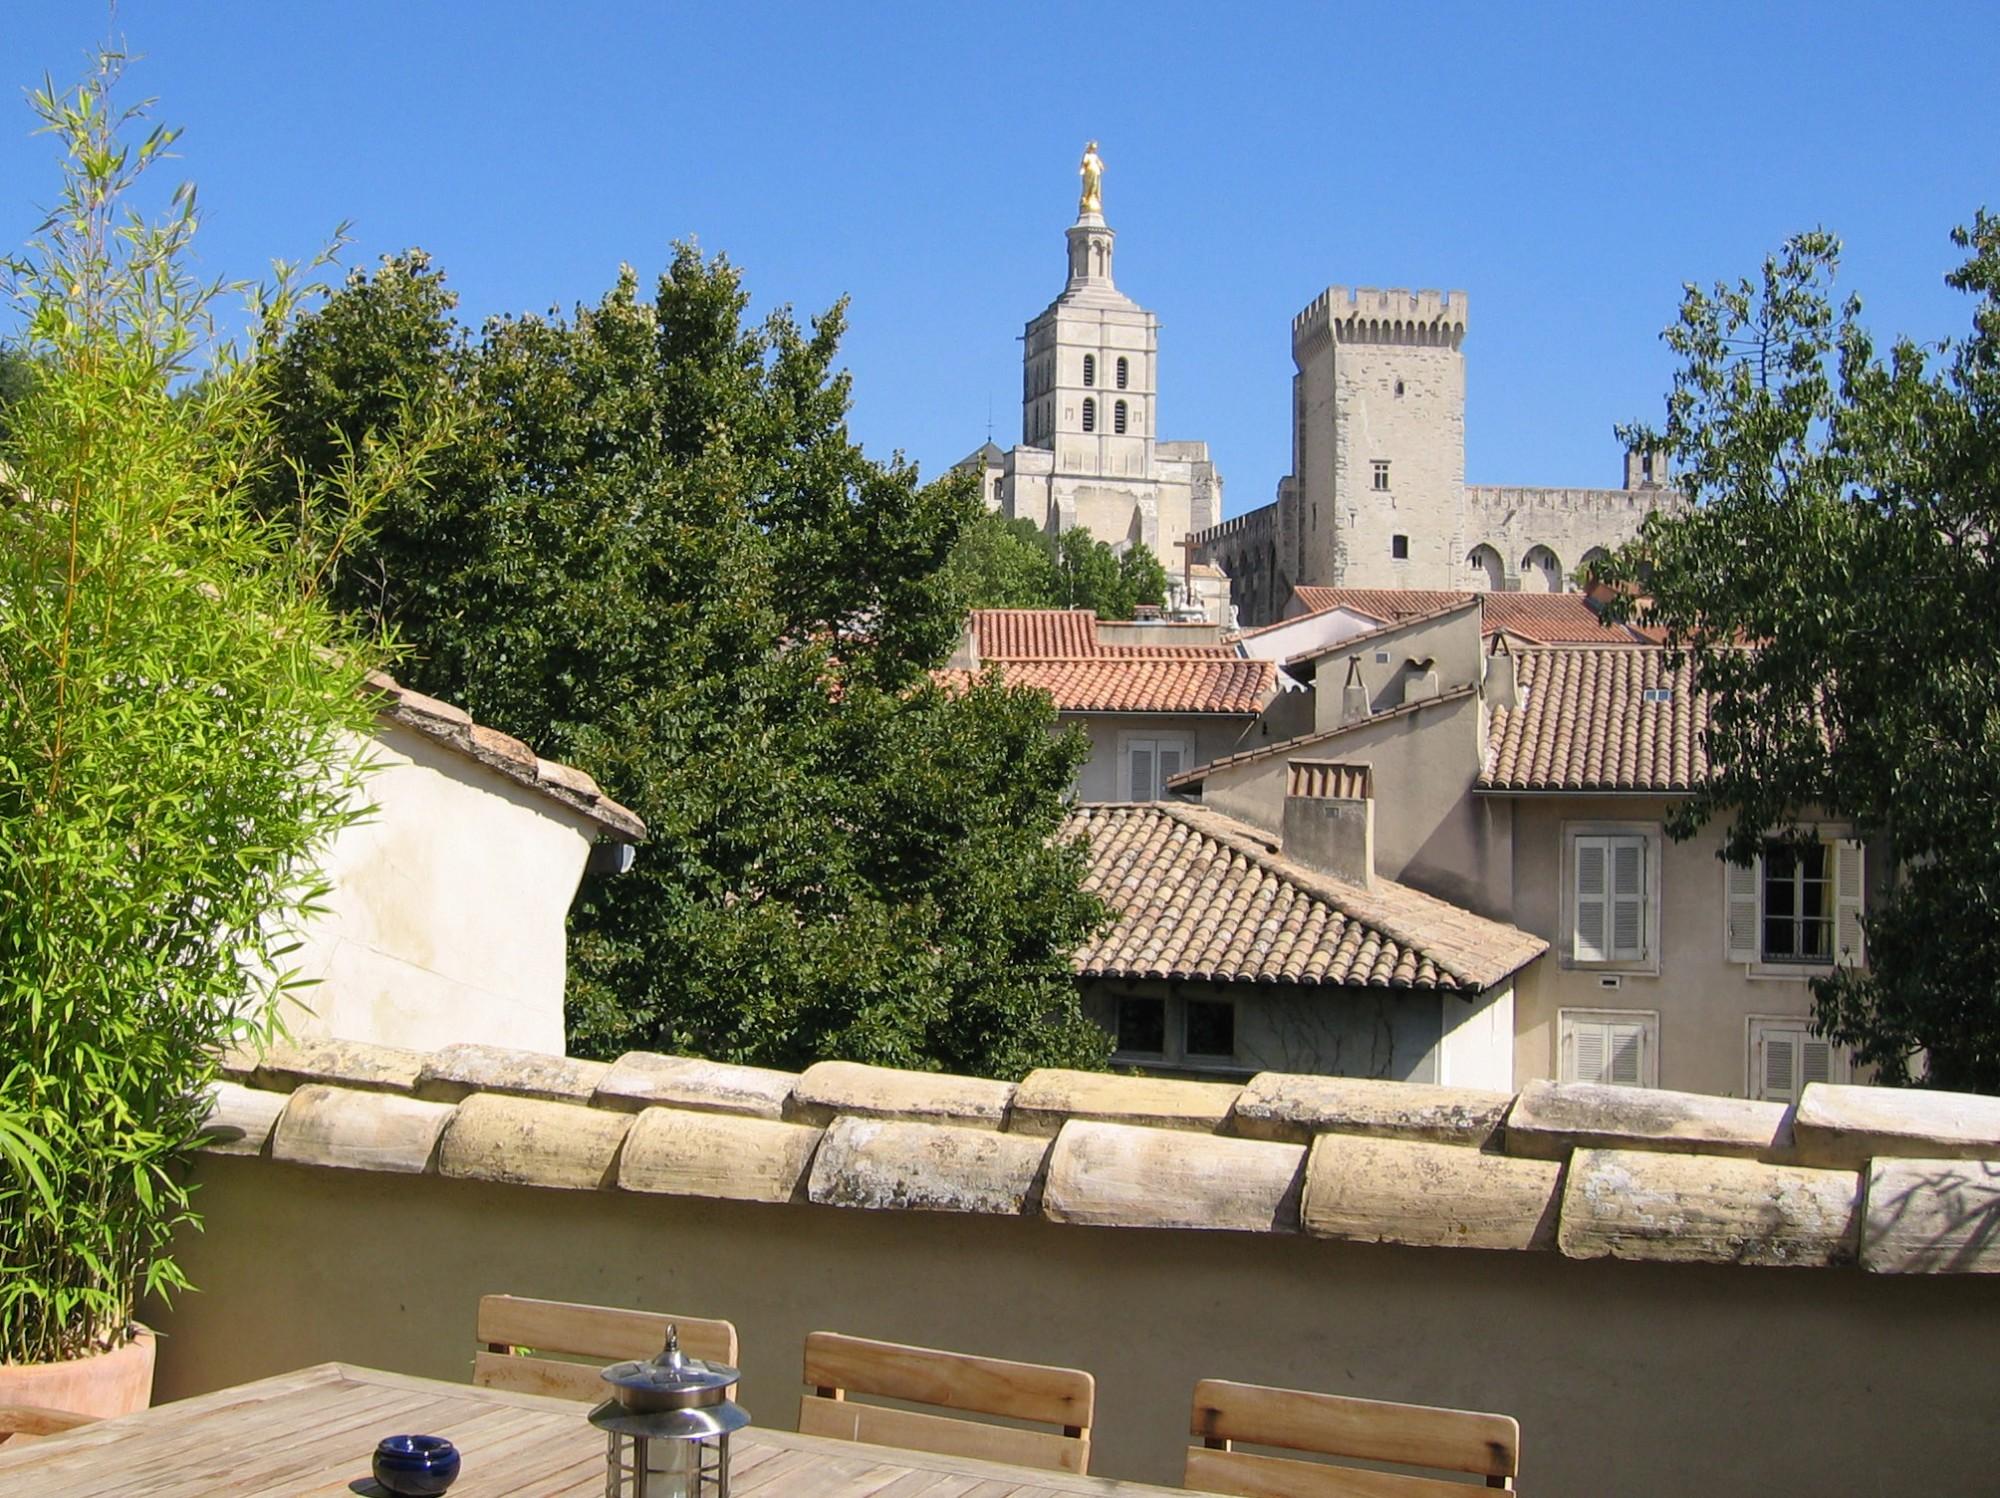 Maison avec terrasse à Avignon intramuros